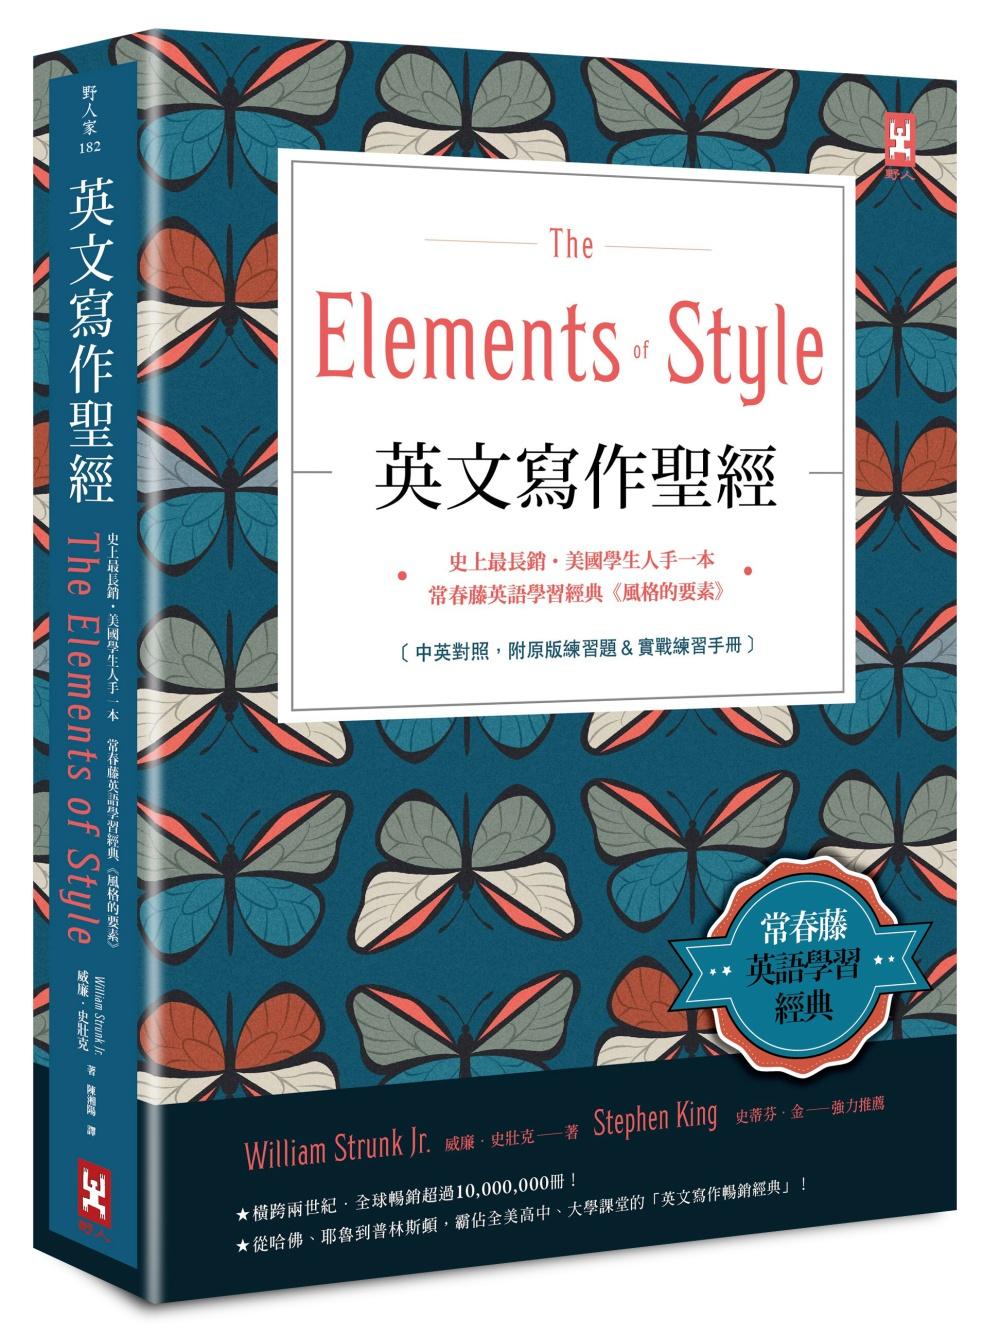 英文寫作聖經《The Elements of Style》:常春藤英語學習經典《風格的要素》(附原版練習題)【隨書贈.實戰練習手冊】(博客來獨家精裝版.中英對照)